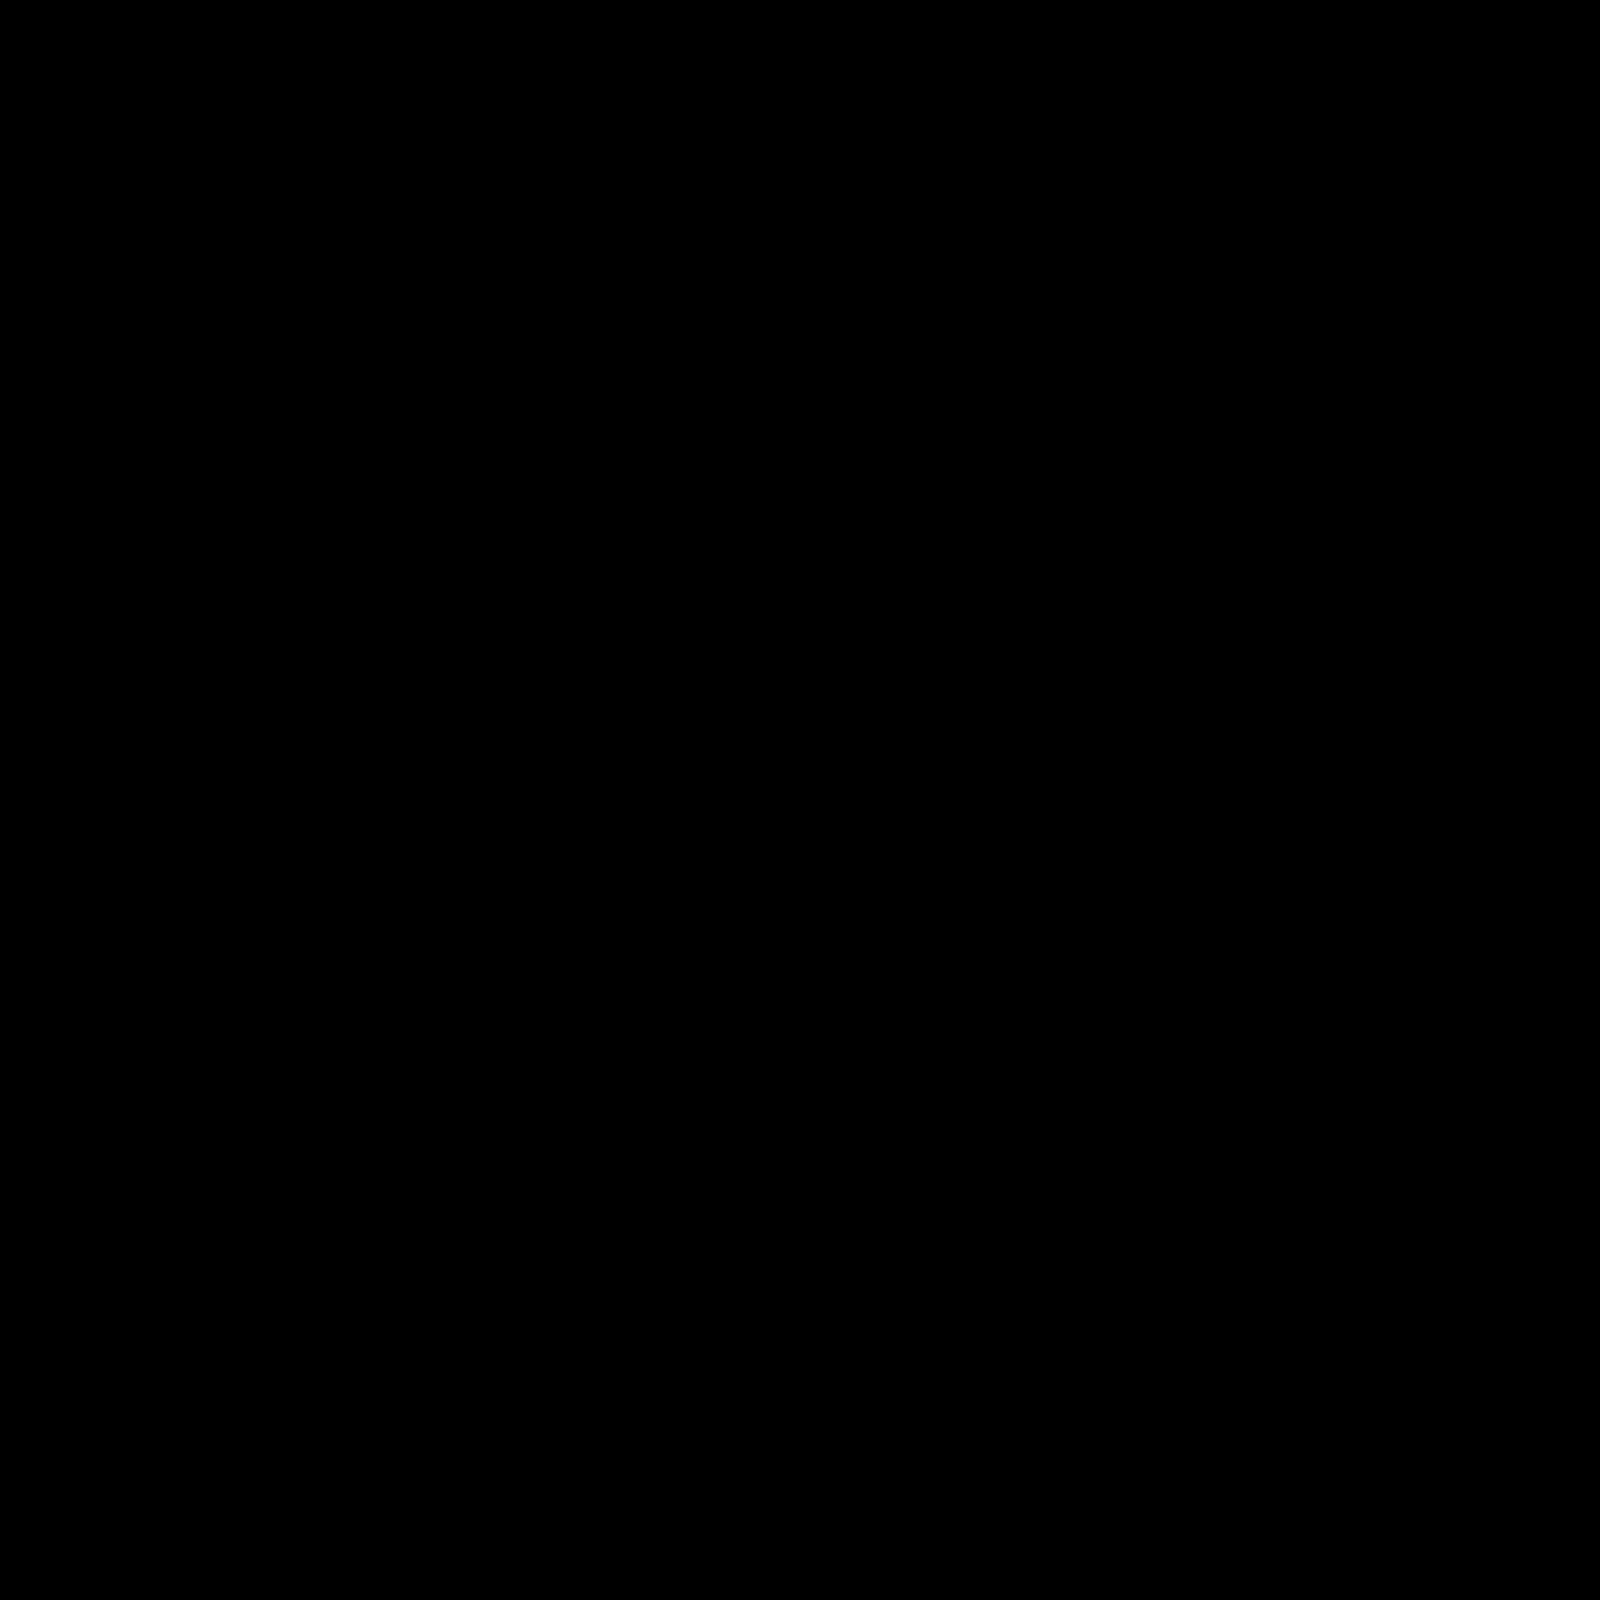 ホラー icon. There is a knife shape that is rectangular on one side depicting the handle, and triangular on the other which depicts the sharp edge. There are tear drop shapes coming off or dripping off of the sharp edge of the knife shape.